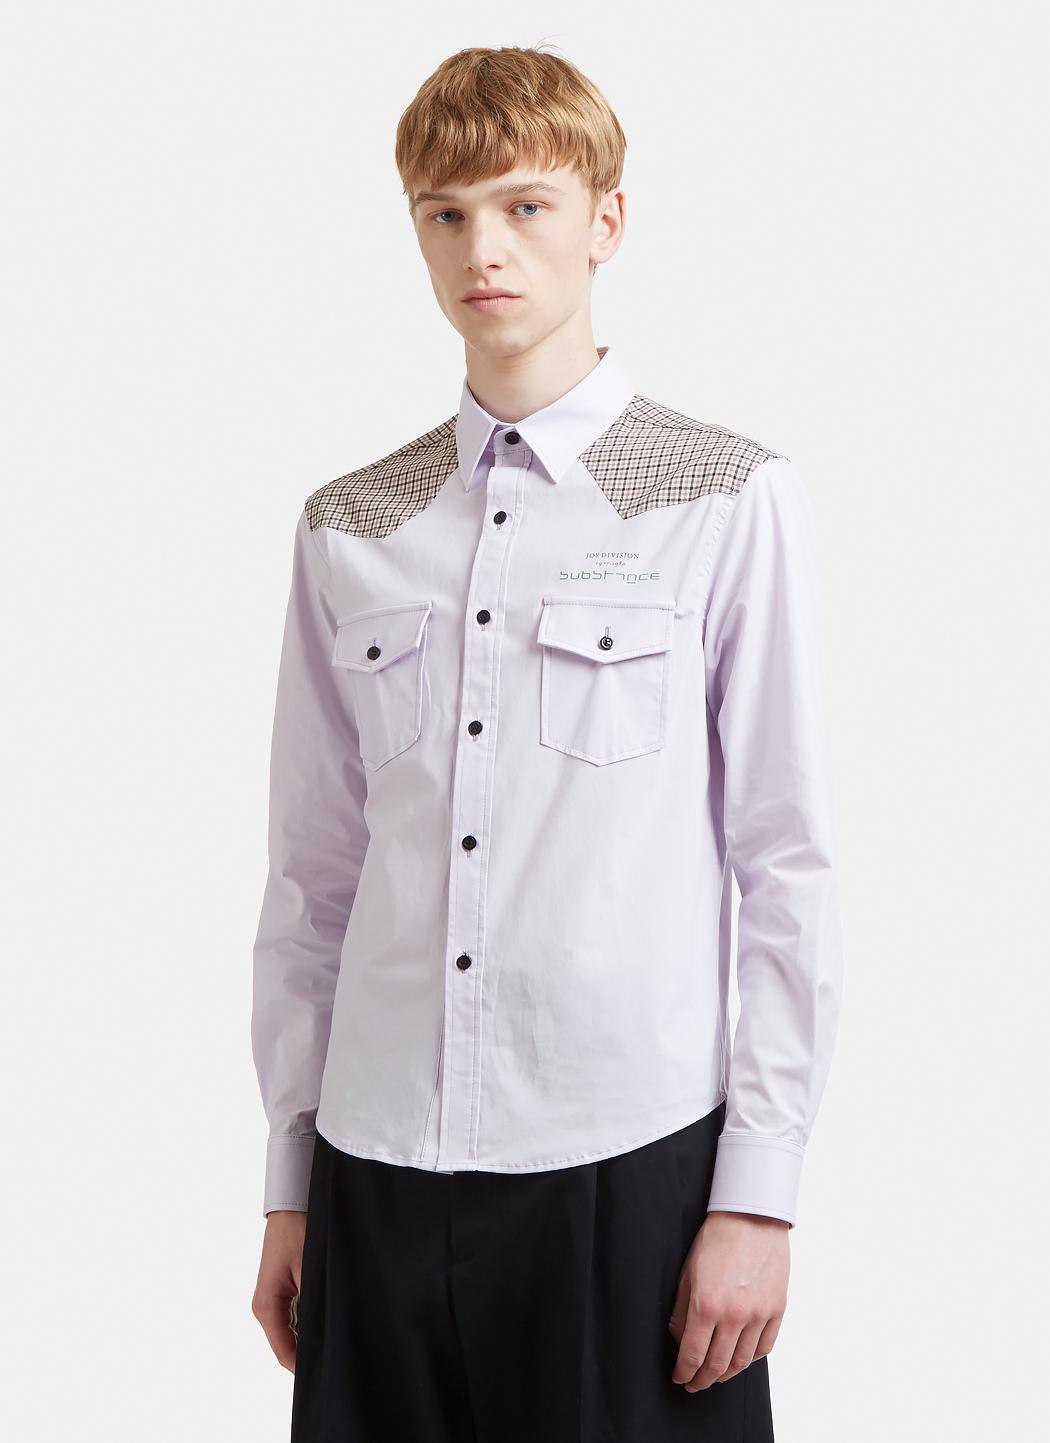 Clearance Sast Regular Pocket Shirt Raf Simons For Cheap GYeM9SeKH